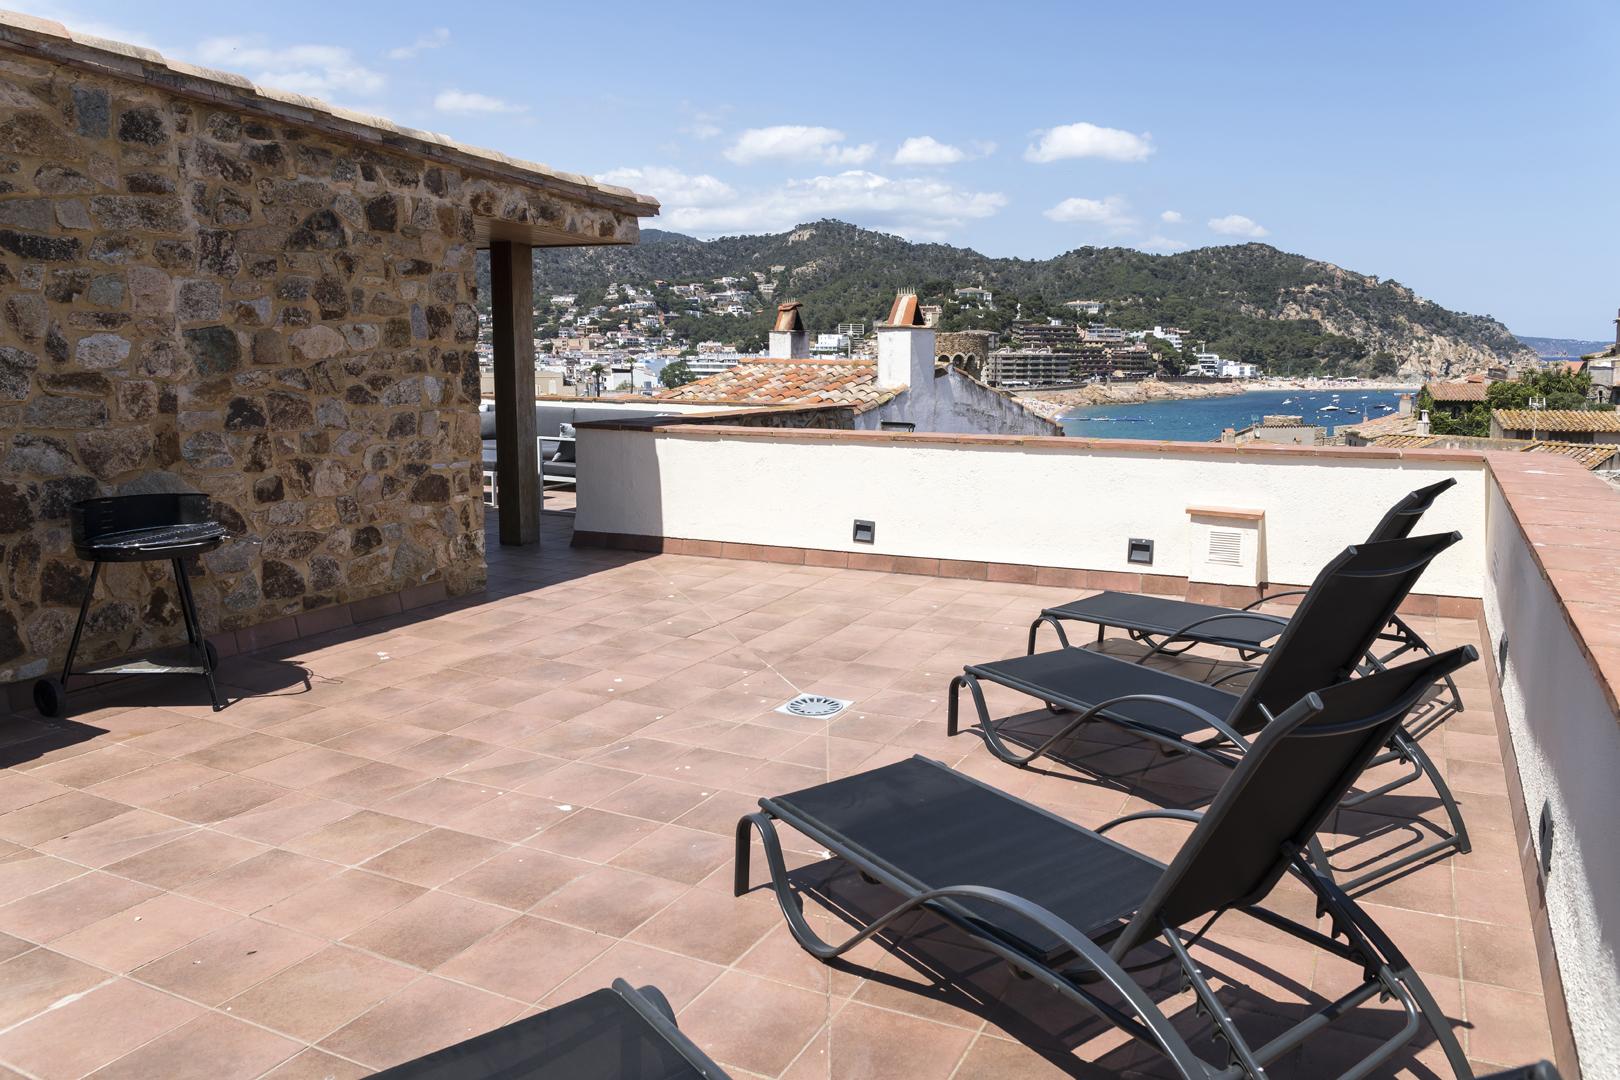 Terrace area with sun loungers